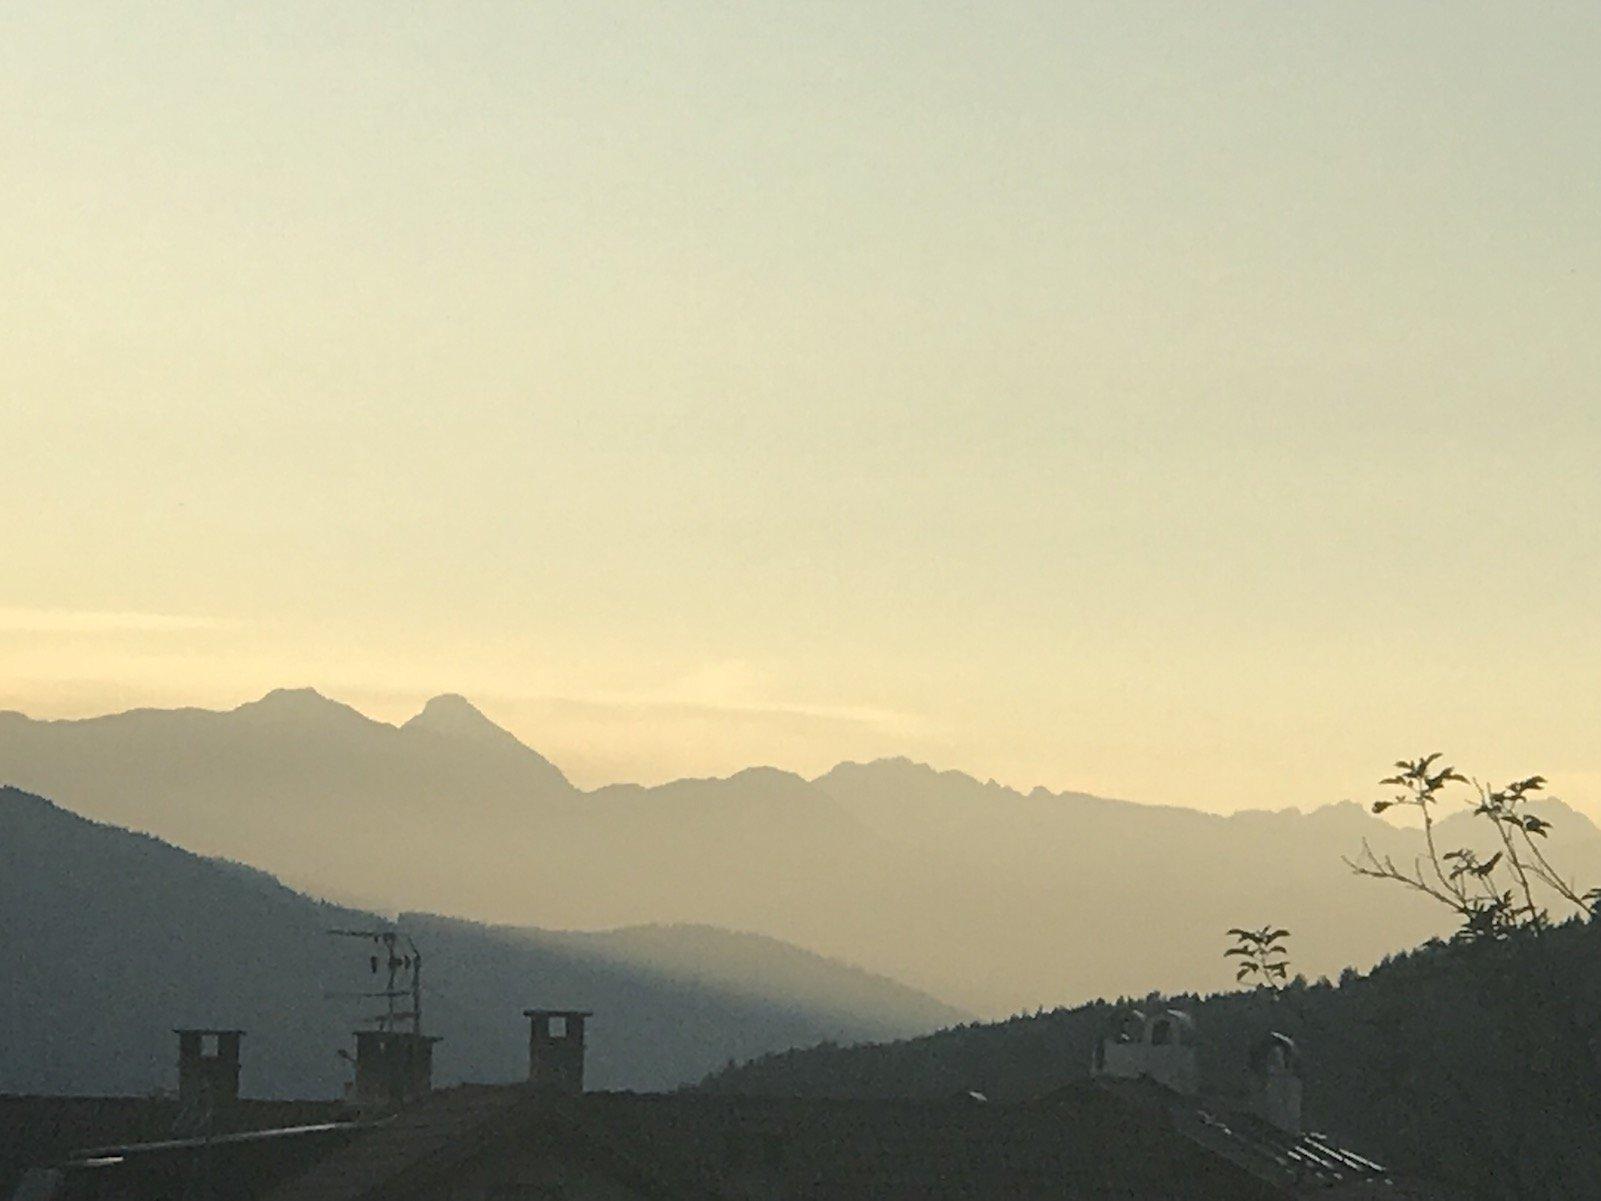 Sonnenuntergang auf der Terrasse des Hotels Tanzer mit dem iPhone7plus